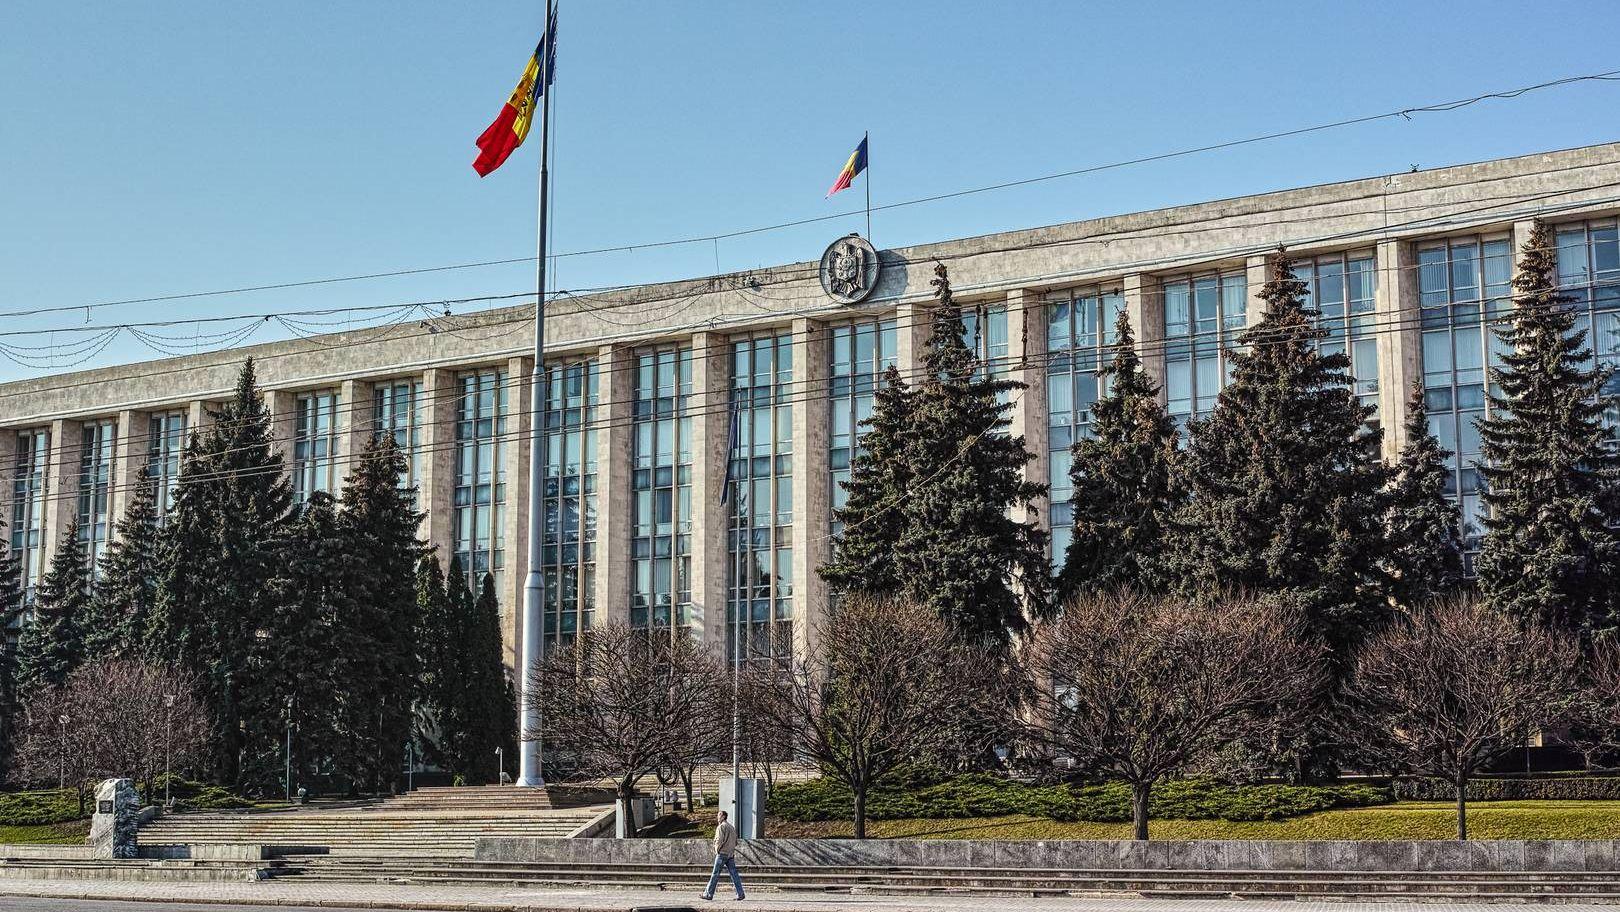 Кишинев. Дом Правительства. 03.2017